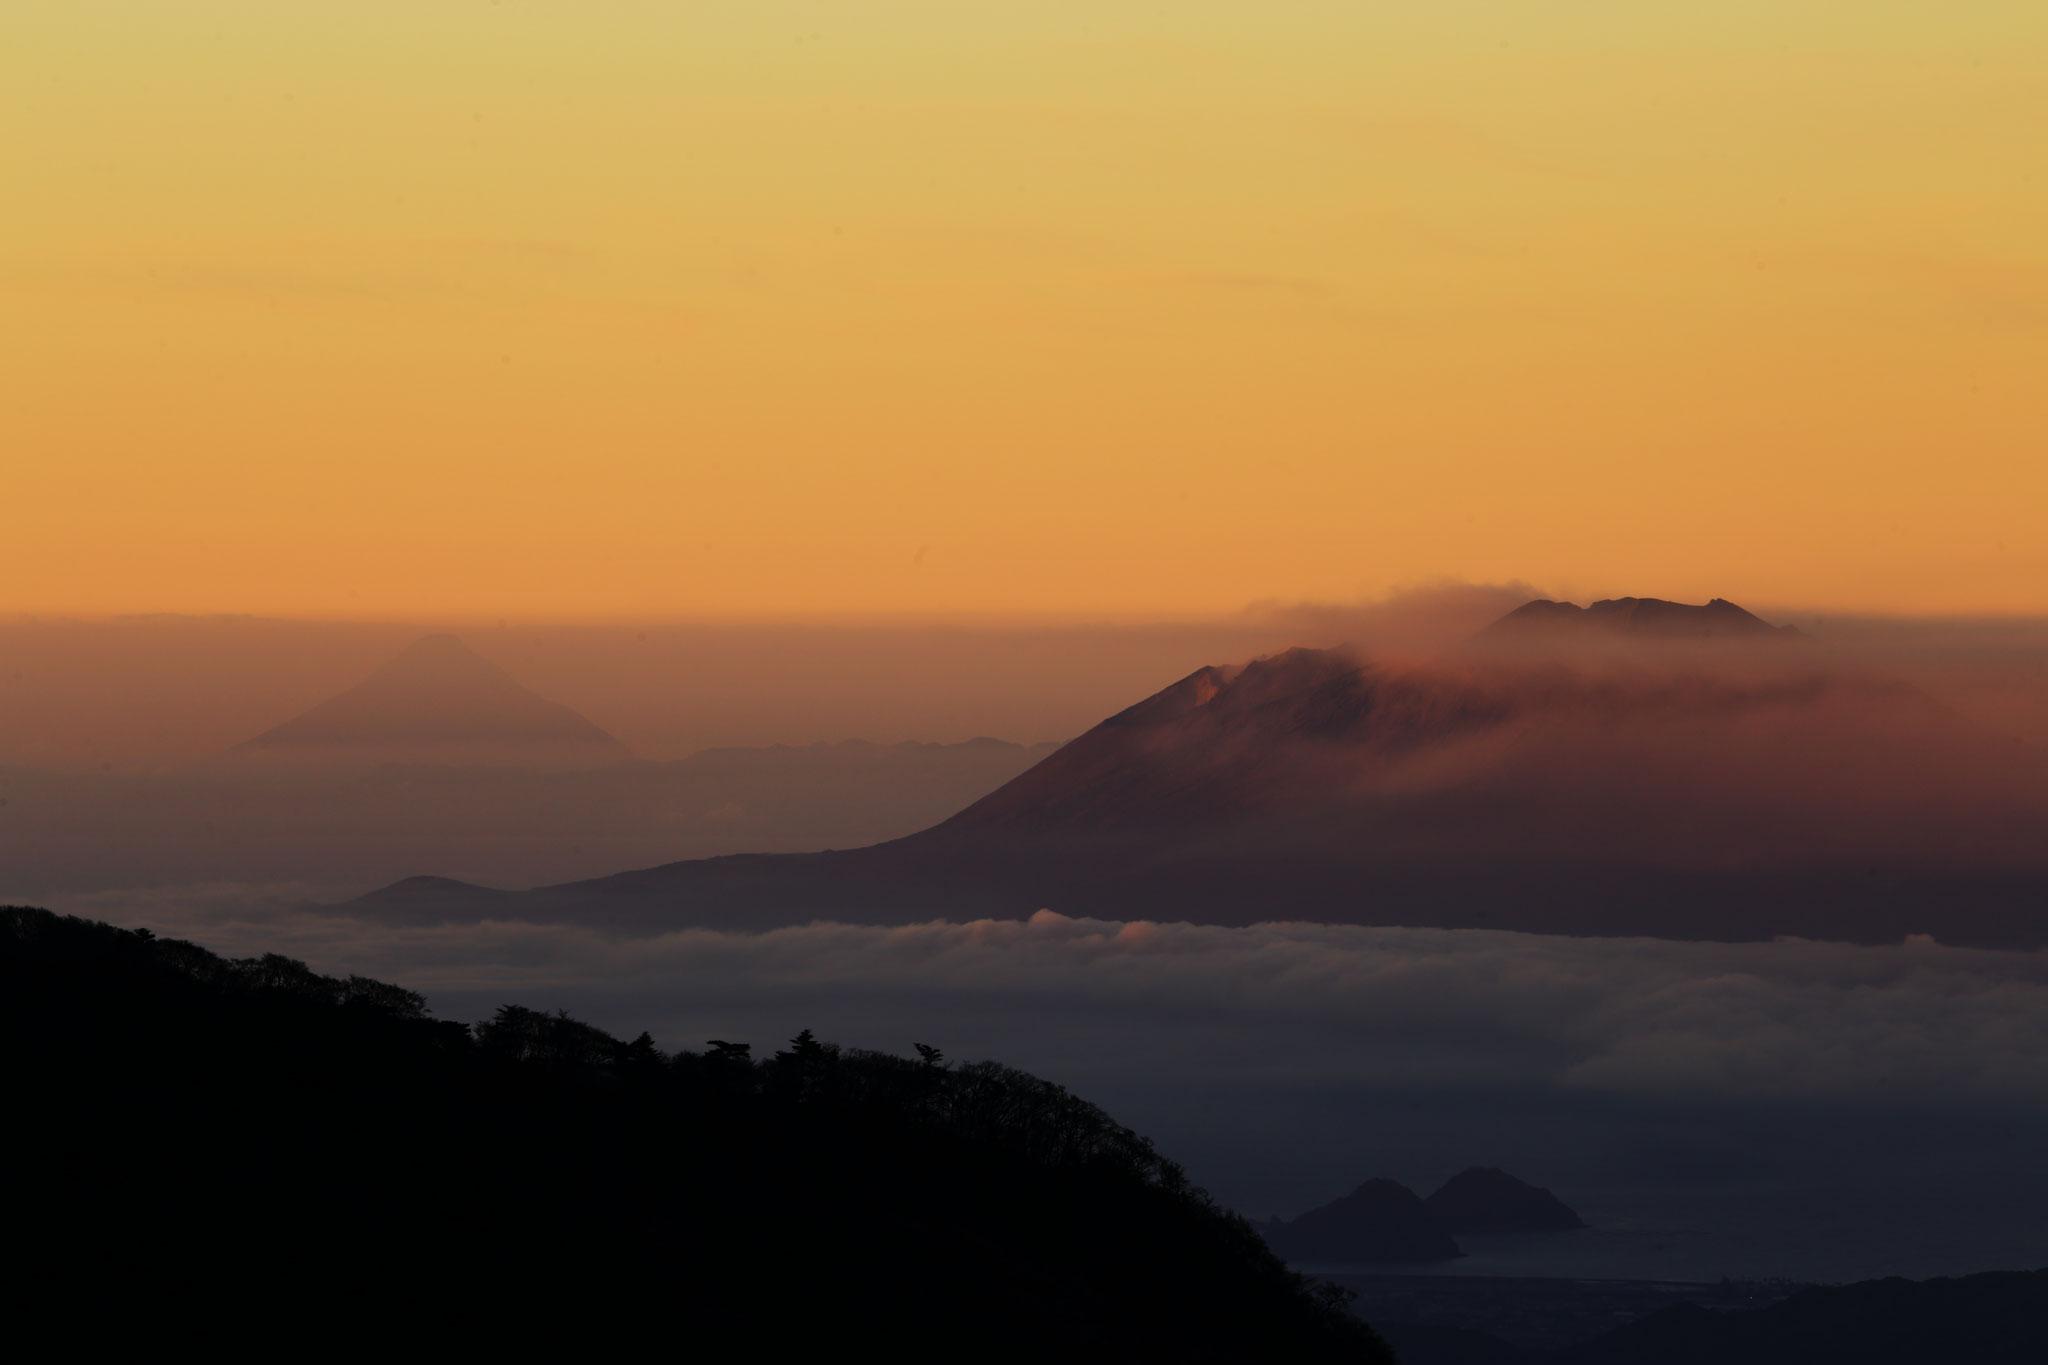 朝焼けに浮かび上がる開聞岳(左)と桜島(右)えびの高原白鳥山